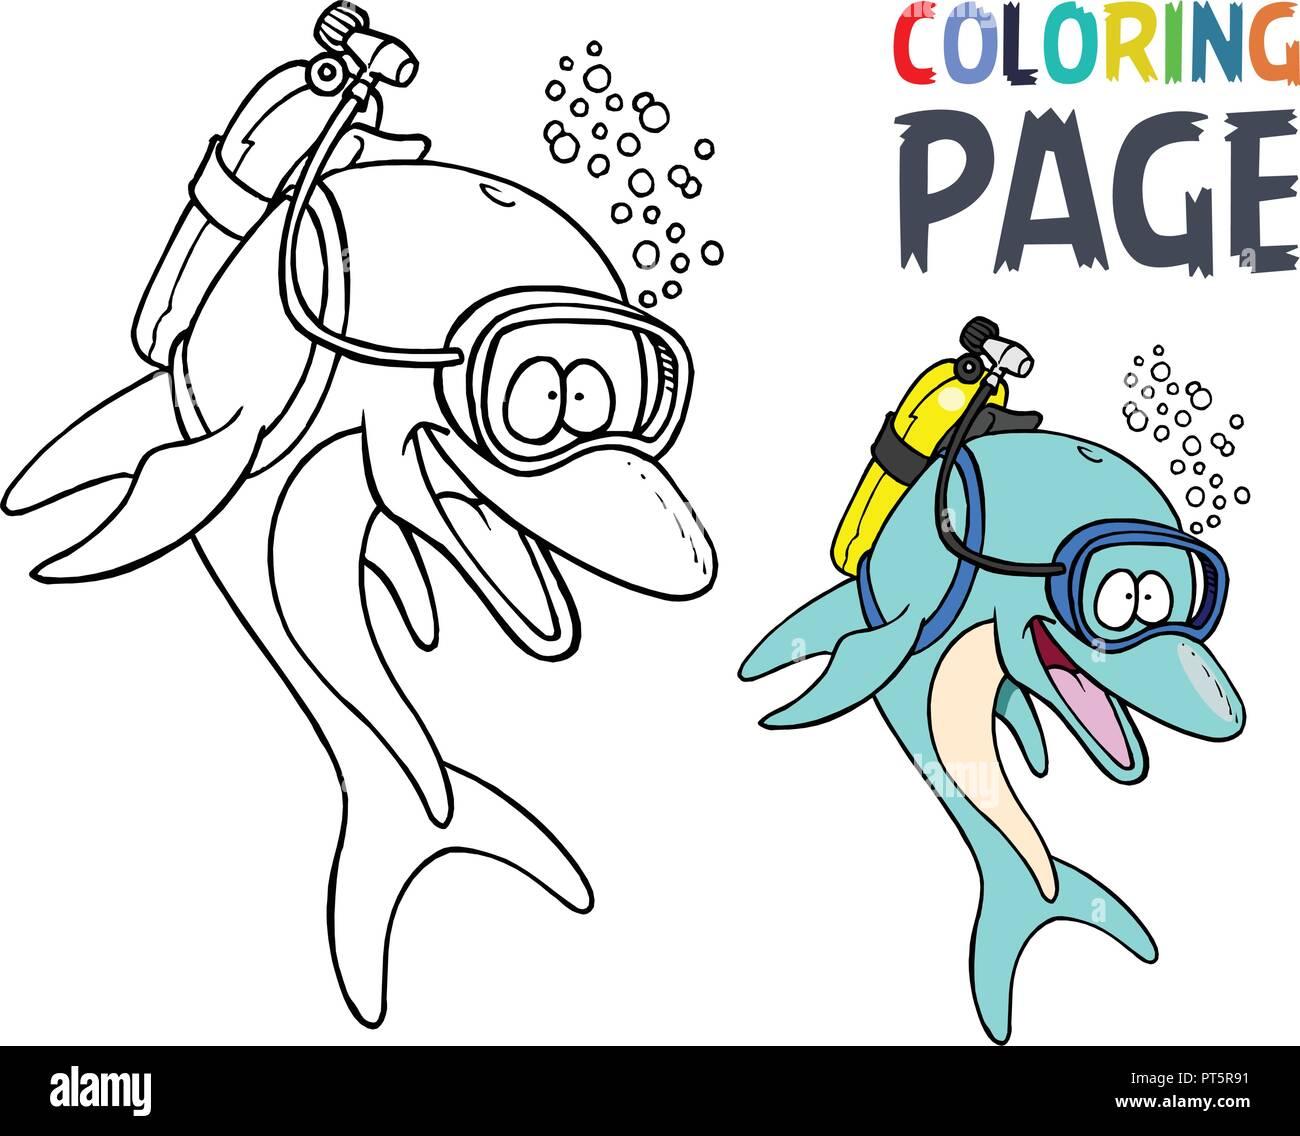 Coloriage Crabe Dauphin.Page Du Livre De Coloriage Dauphin Photos Page Du Livre De